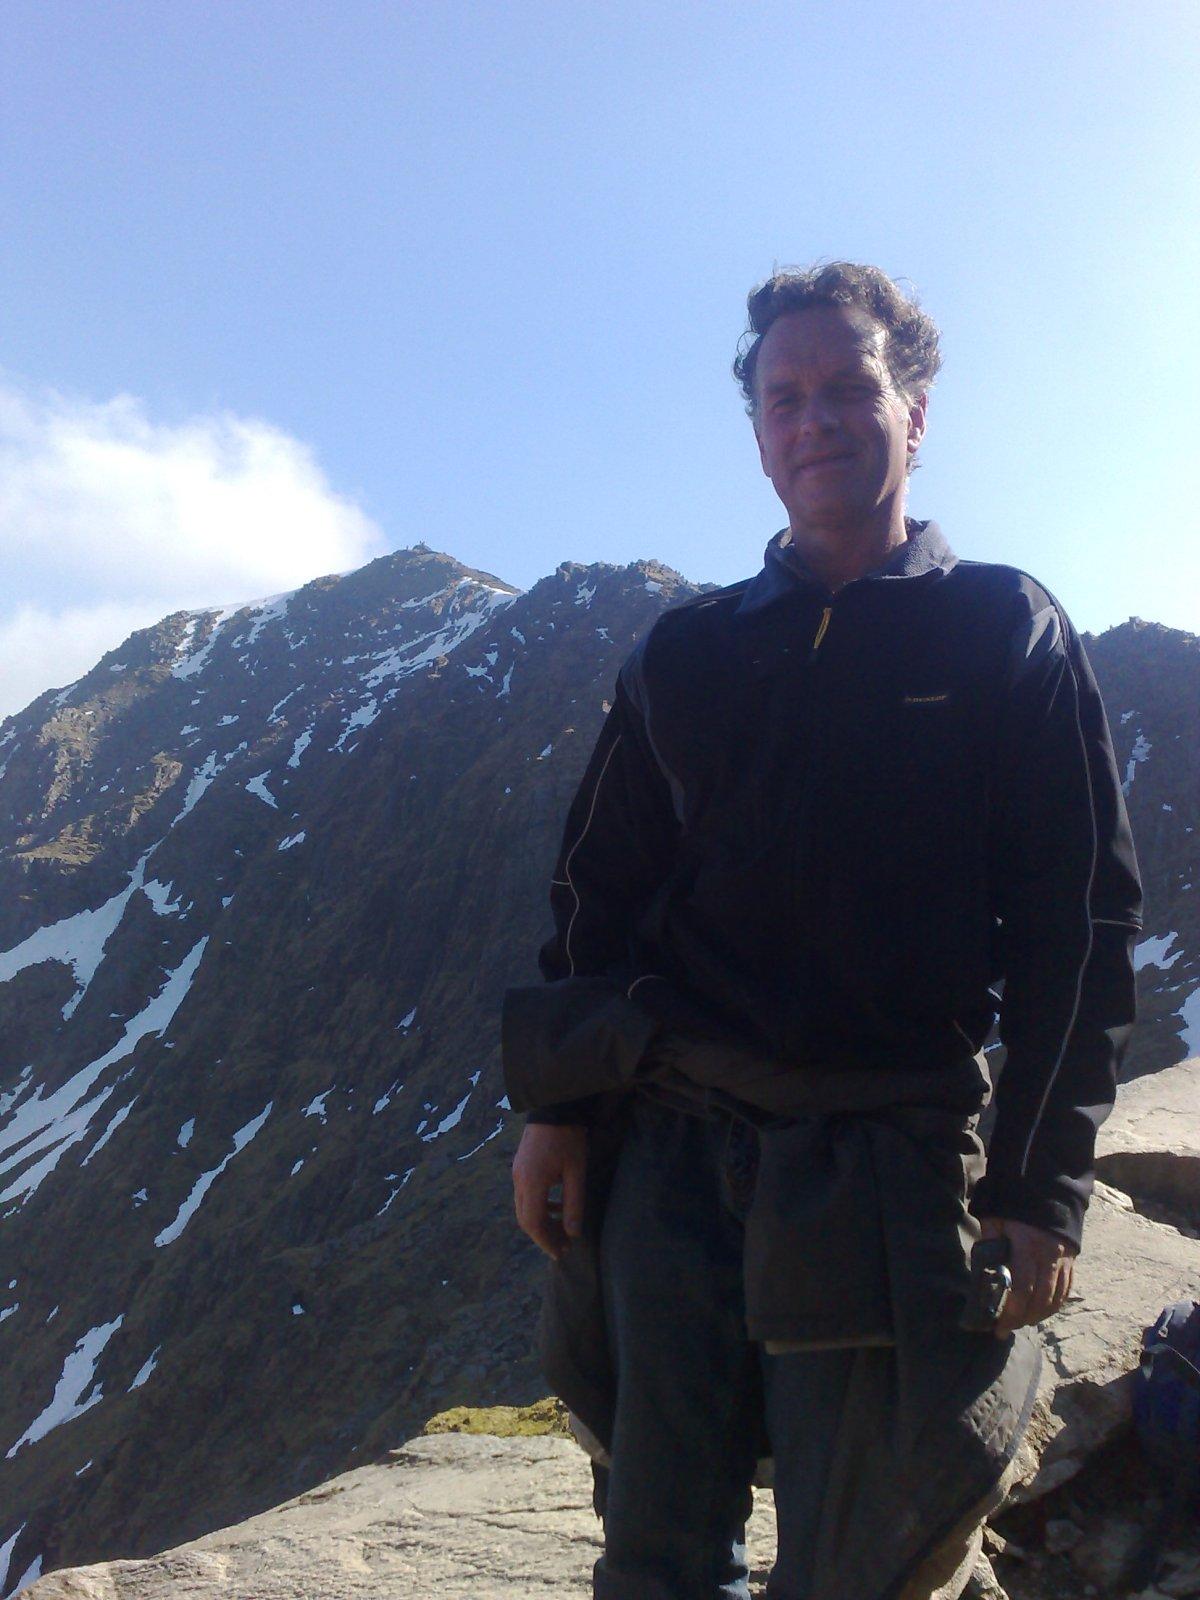 Me on a mountain